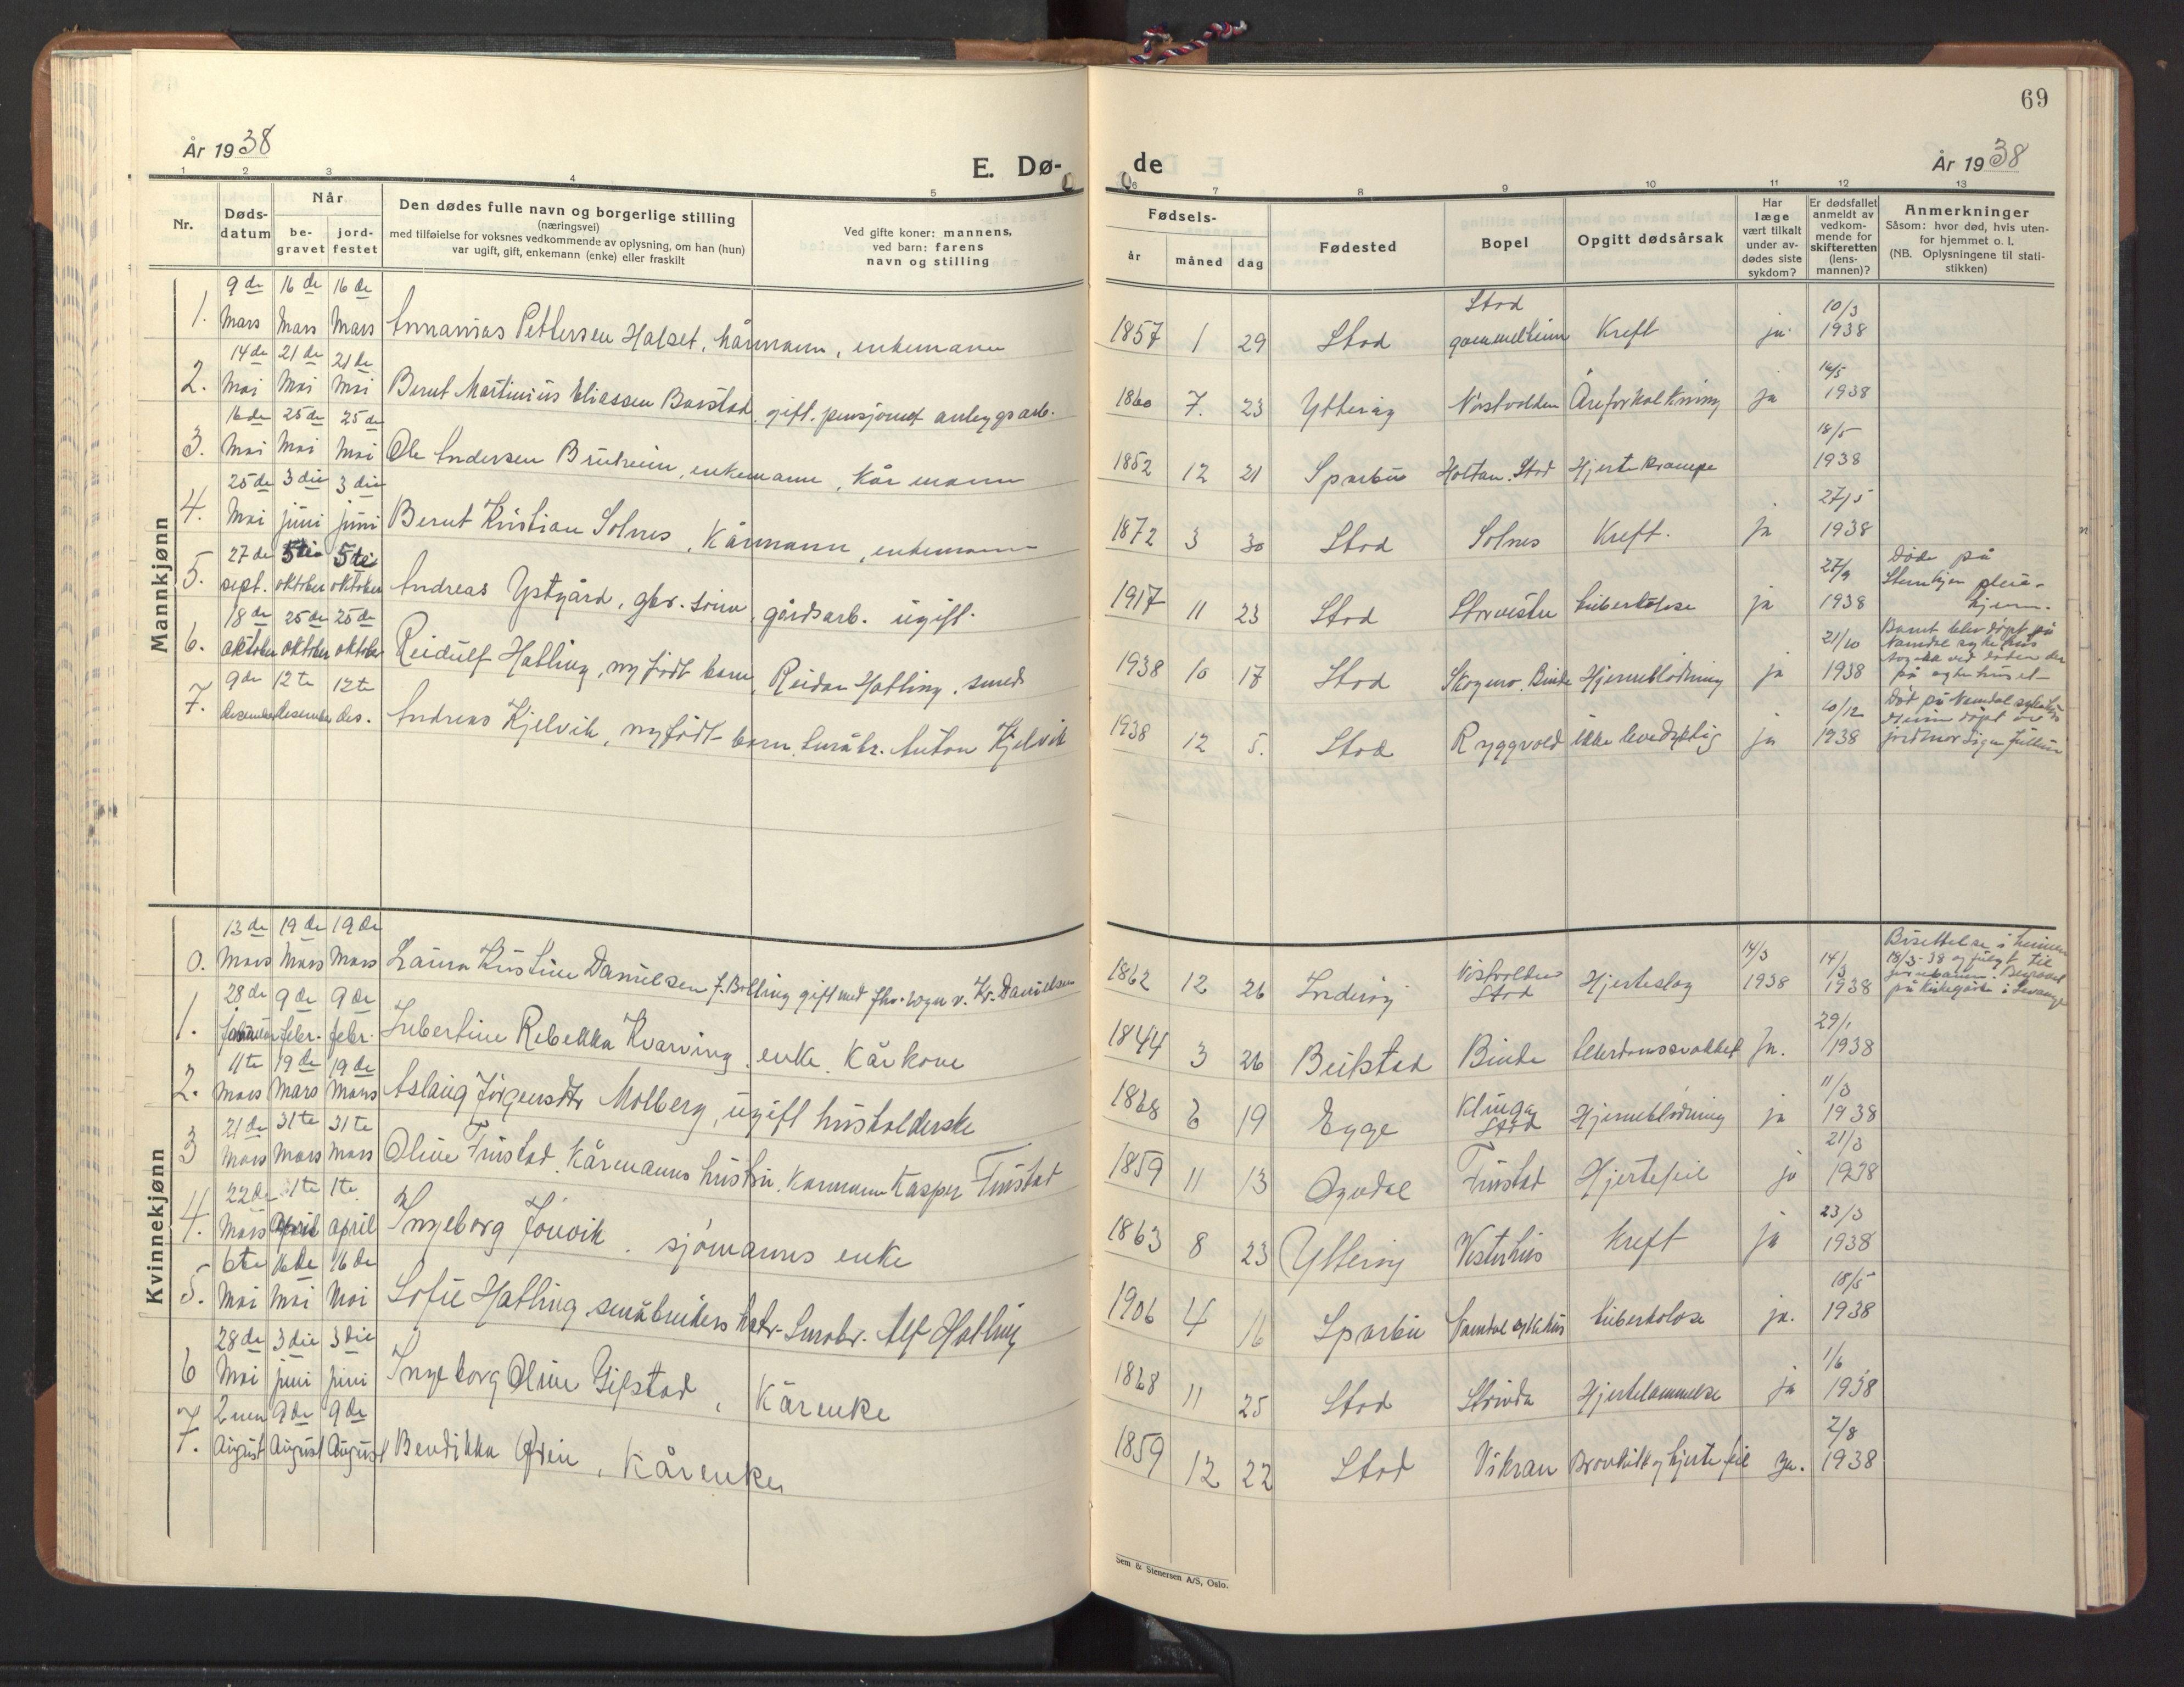 SAT, Ministerialprotokoller, klokkerbøker og fødselsregistre - Nord-Trøndelag, 746/L0456: Klokkerbok nr. 746C02, 1936-1948, s. 69